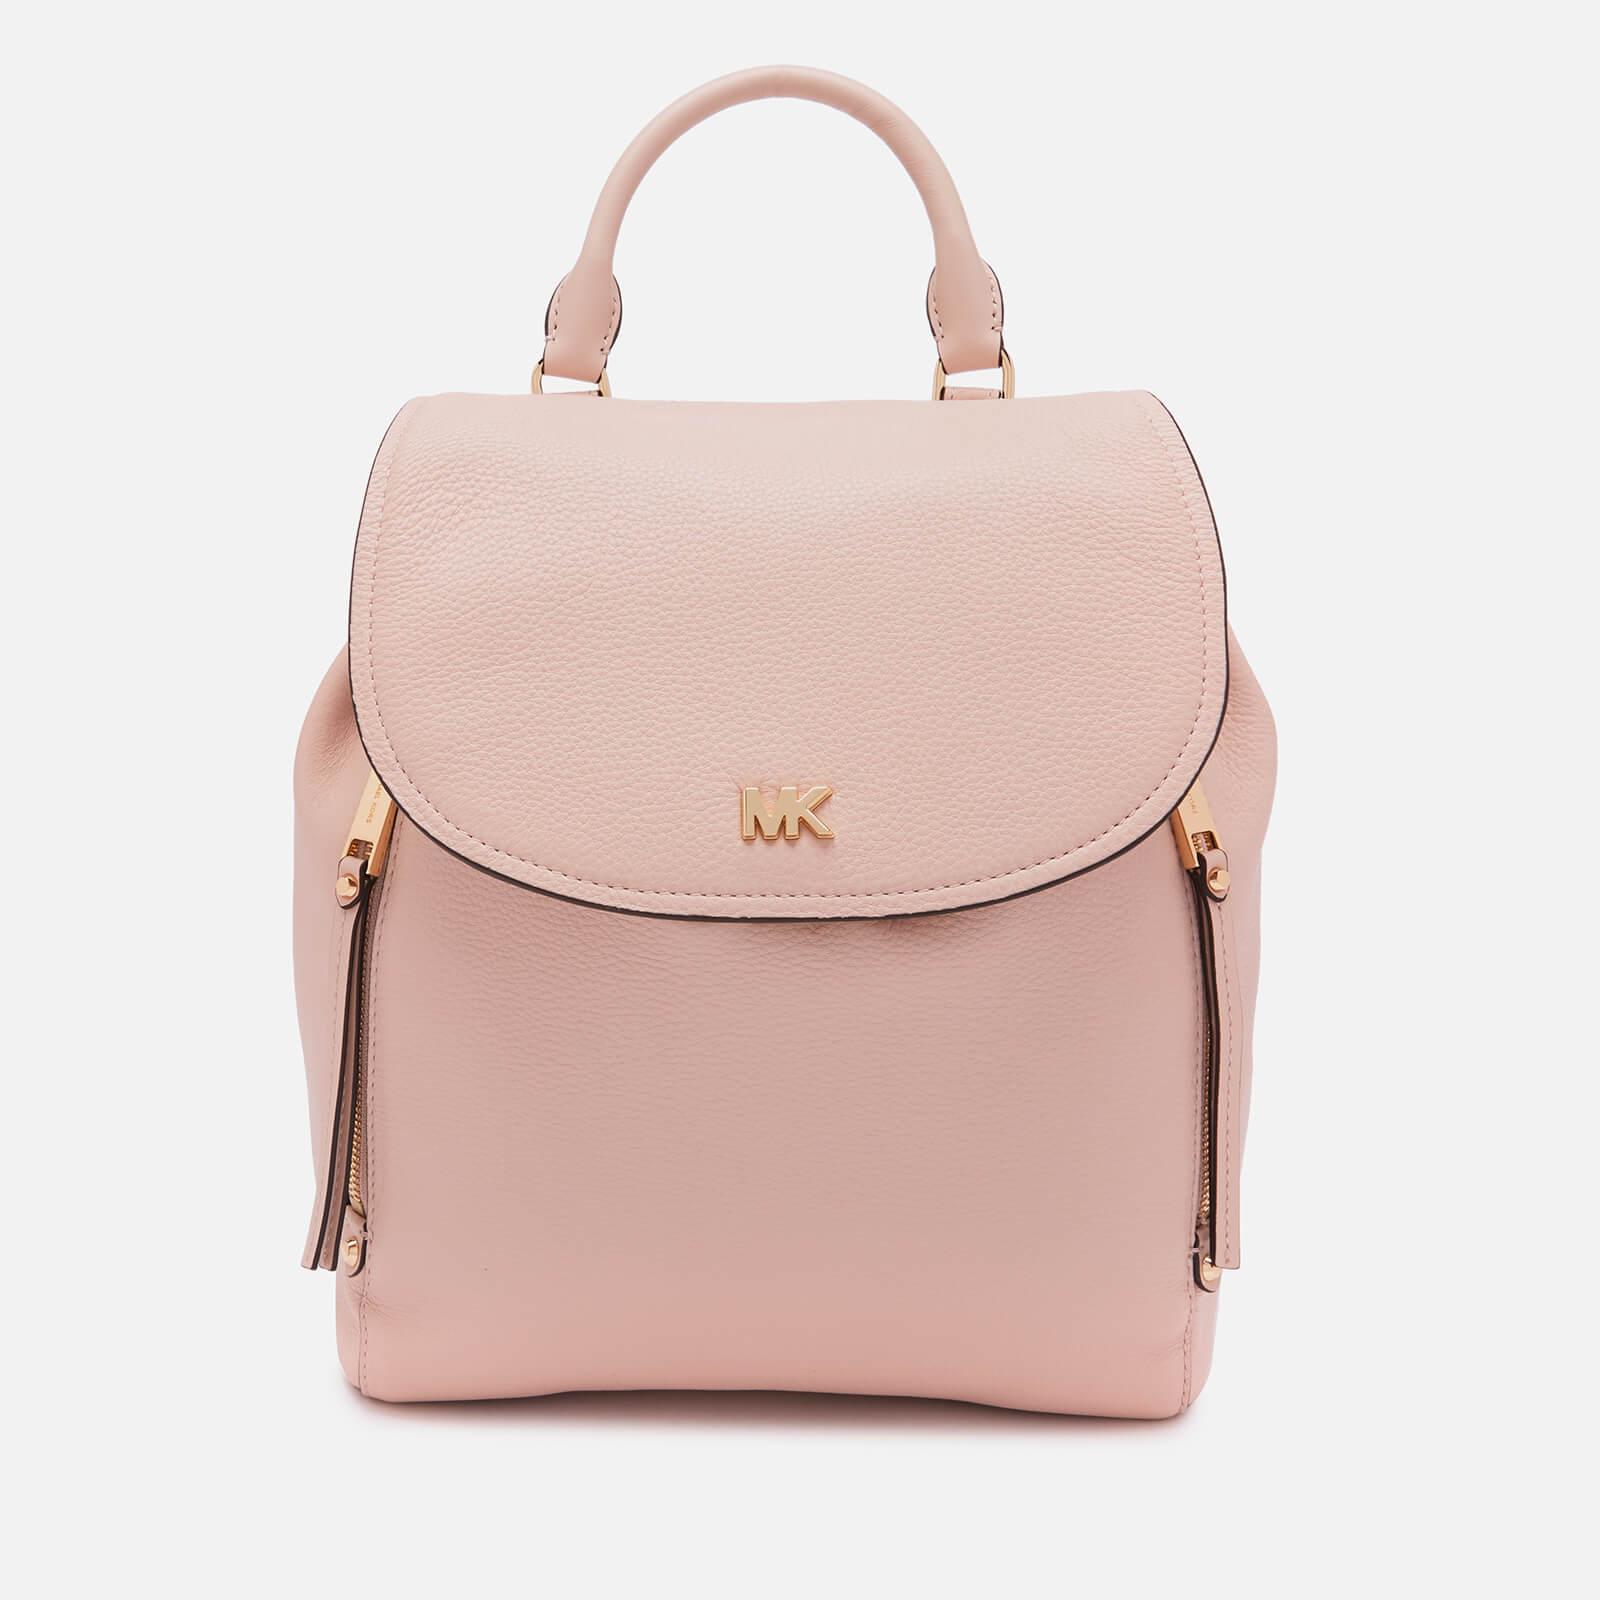 a1a4397e2 MICHAEL MICHAEL KORS Women's Evie Medium Backpack - Soft Pink